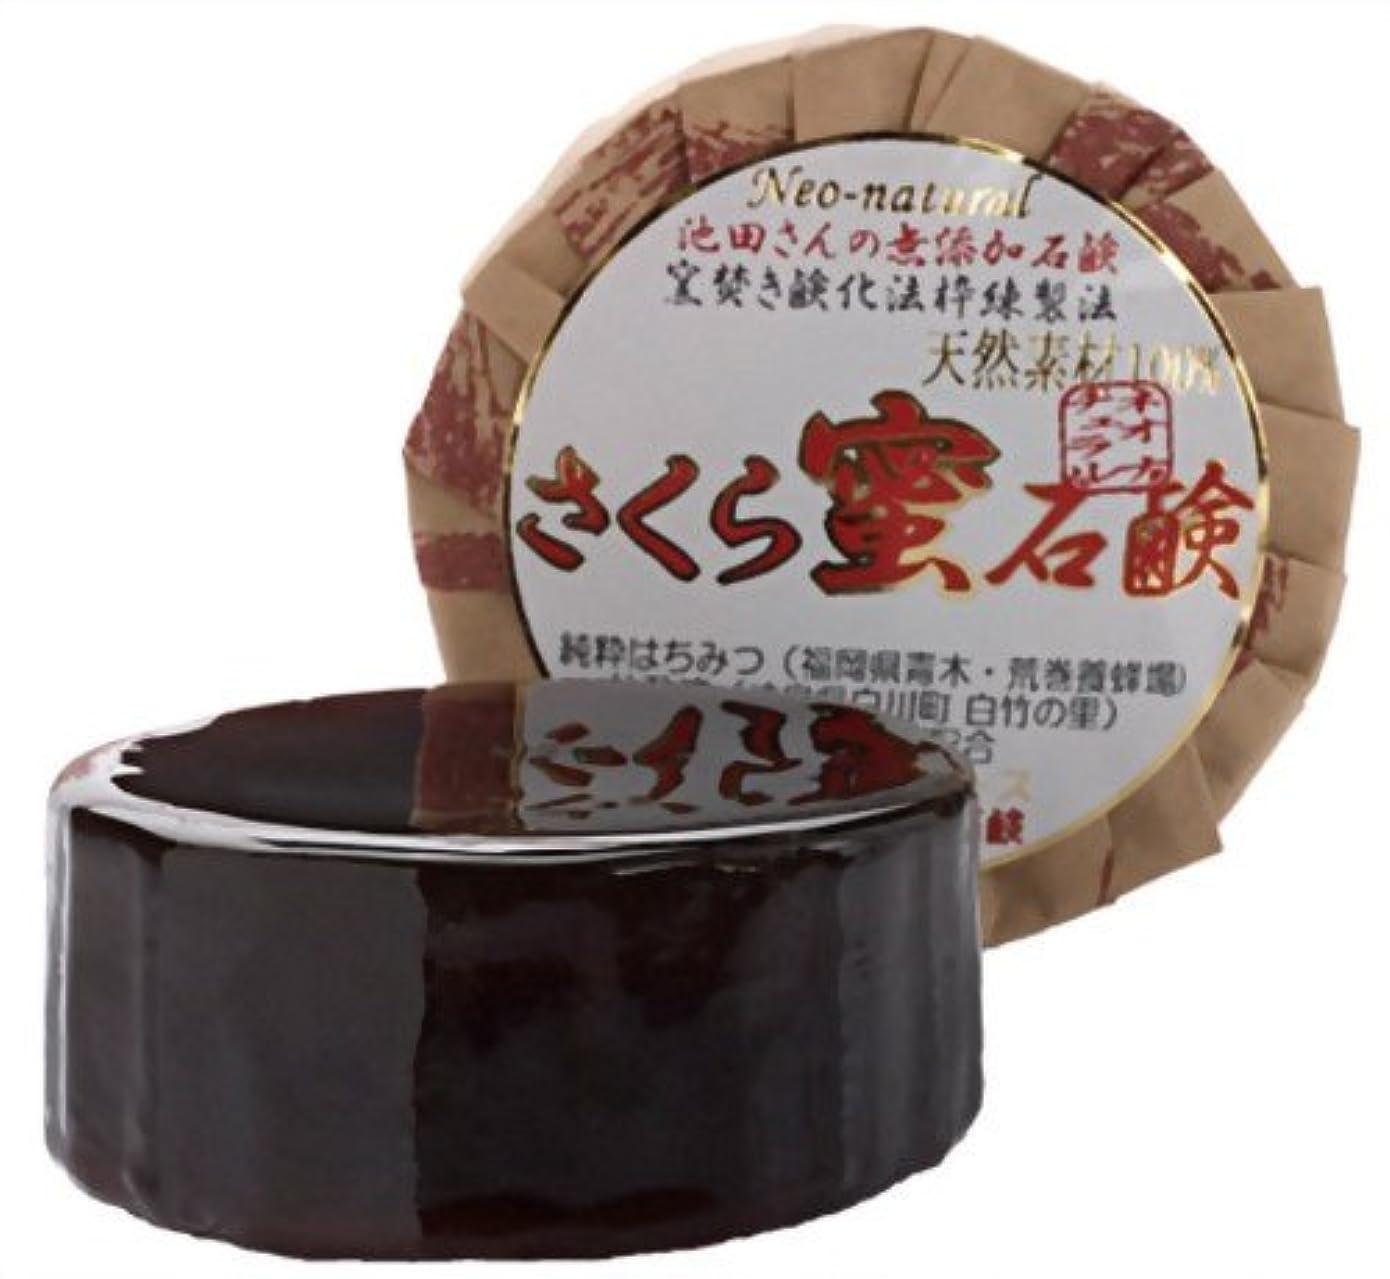 マングル座標パーティションネオナチュラル 池田さんのさくら蜜石鹸 105g